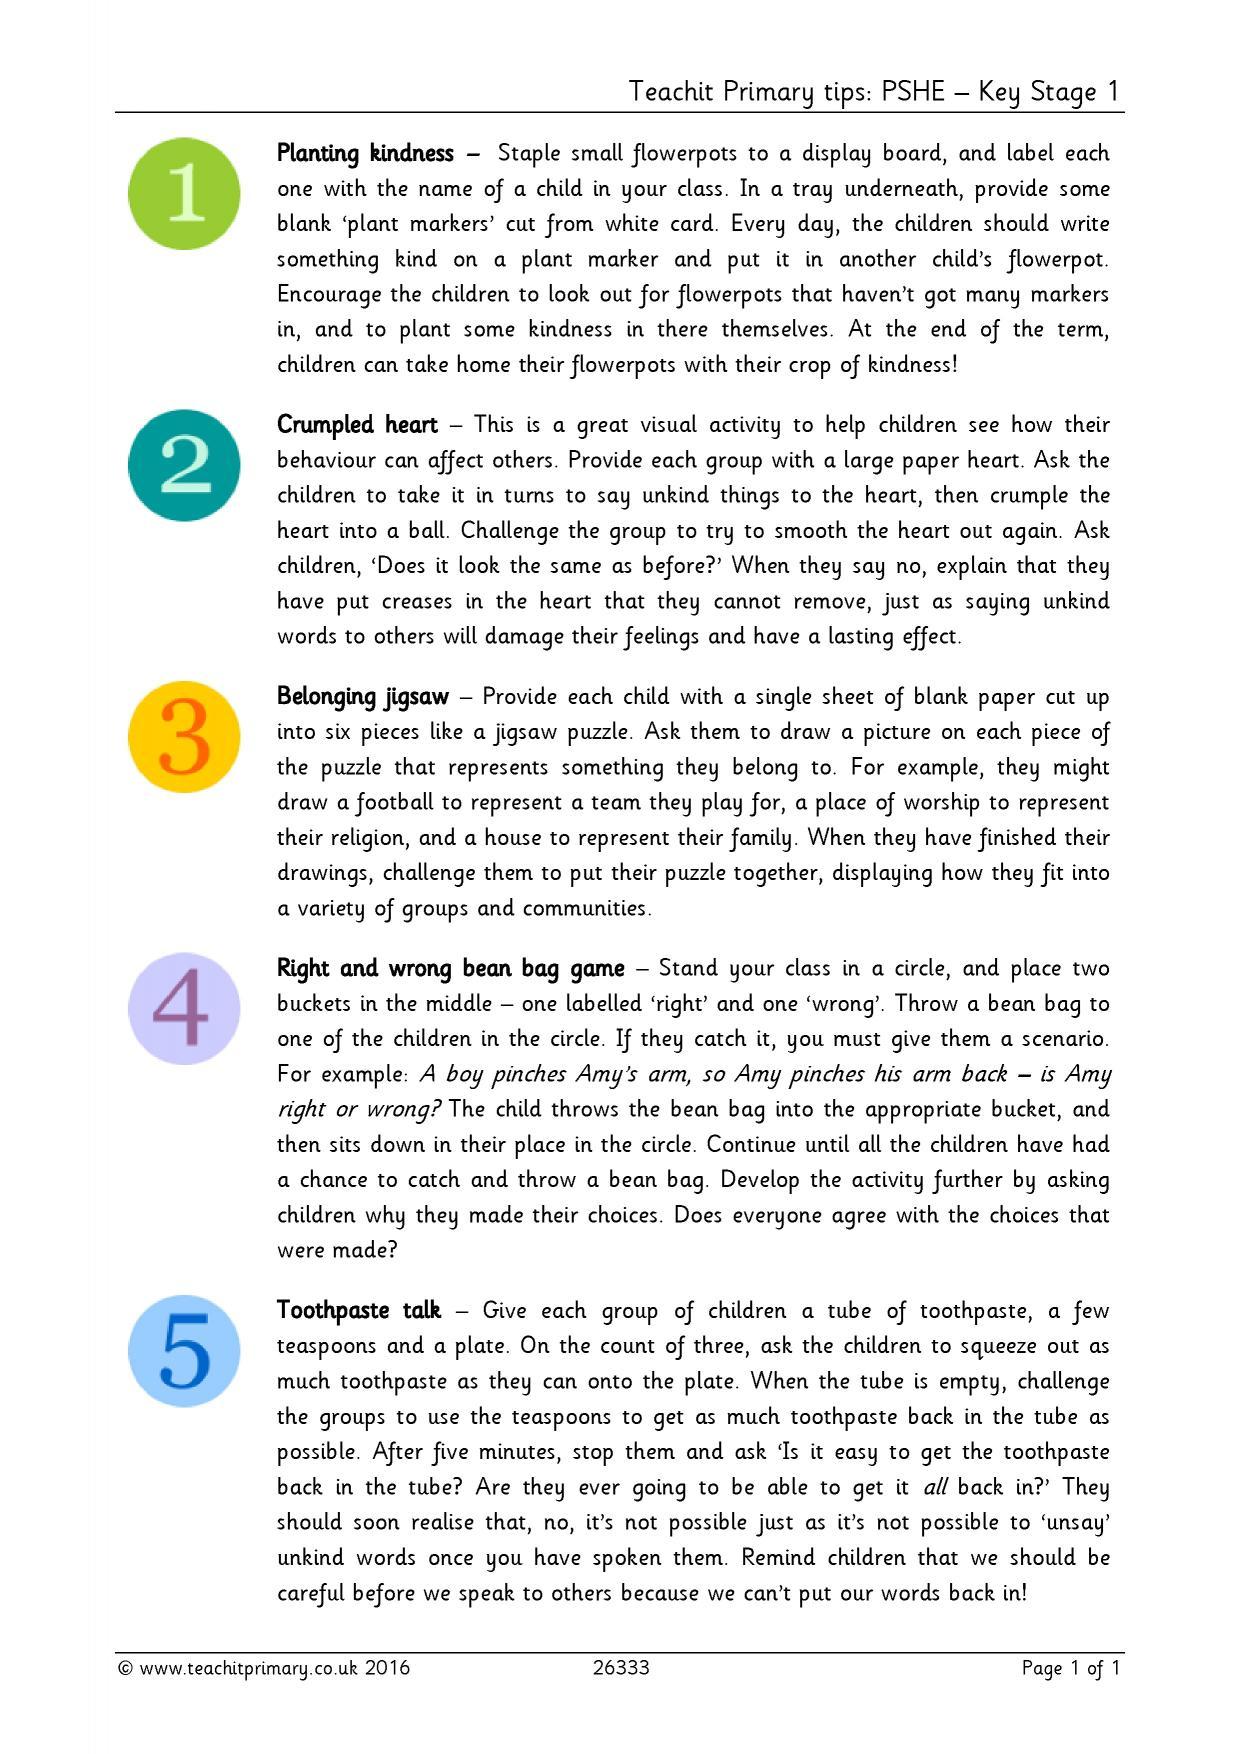 Teachit Primary Tips Pshe